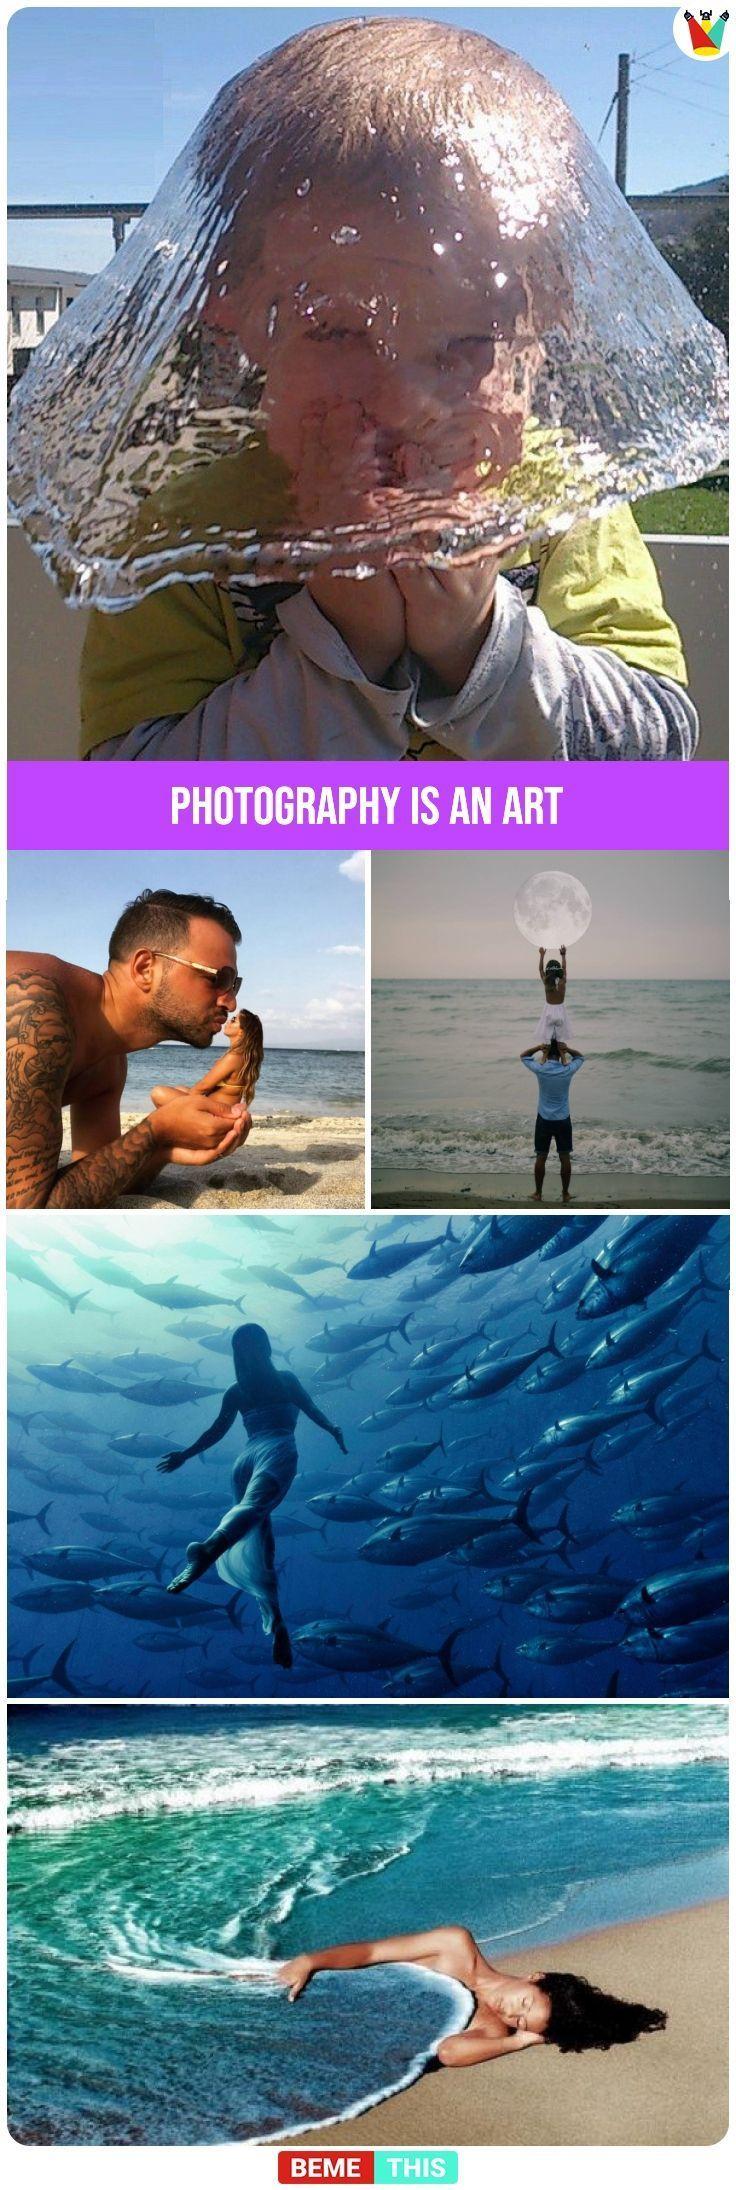 10+ coole Fotos, die beweisen, dass Fotografie eine Kunst ist – #Art #Cool #Photography #photos #Proving